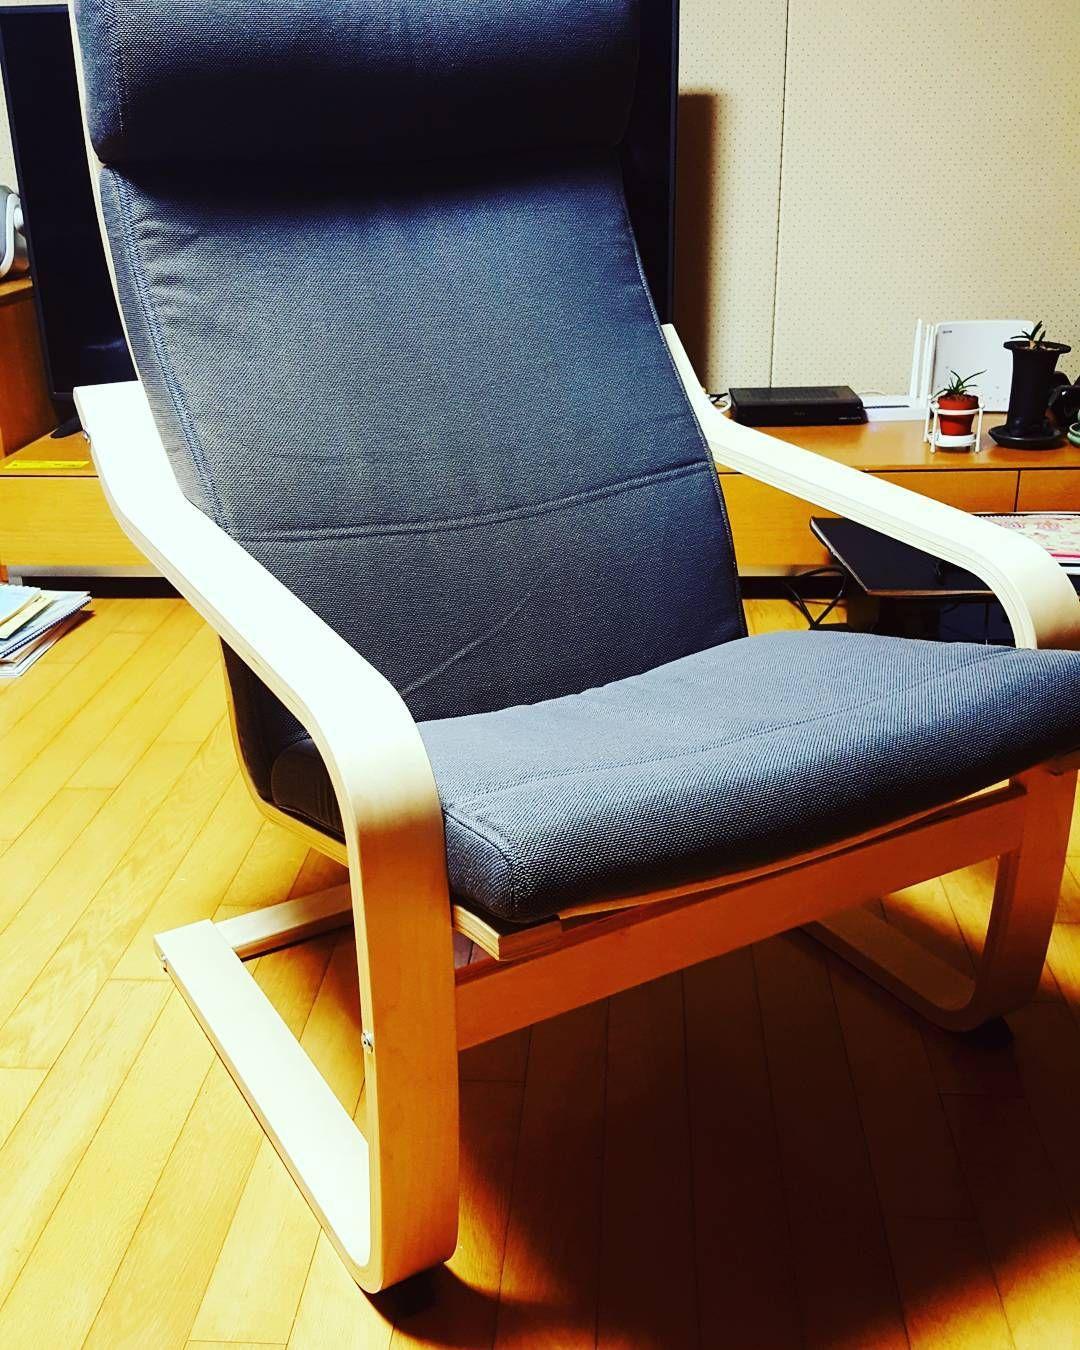 만들었당 이케아 조립.. 힘듬 매우.. #ikea  #furniture  #arm  #chair by nj_kim_